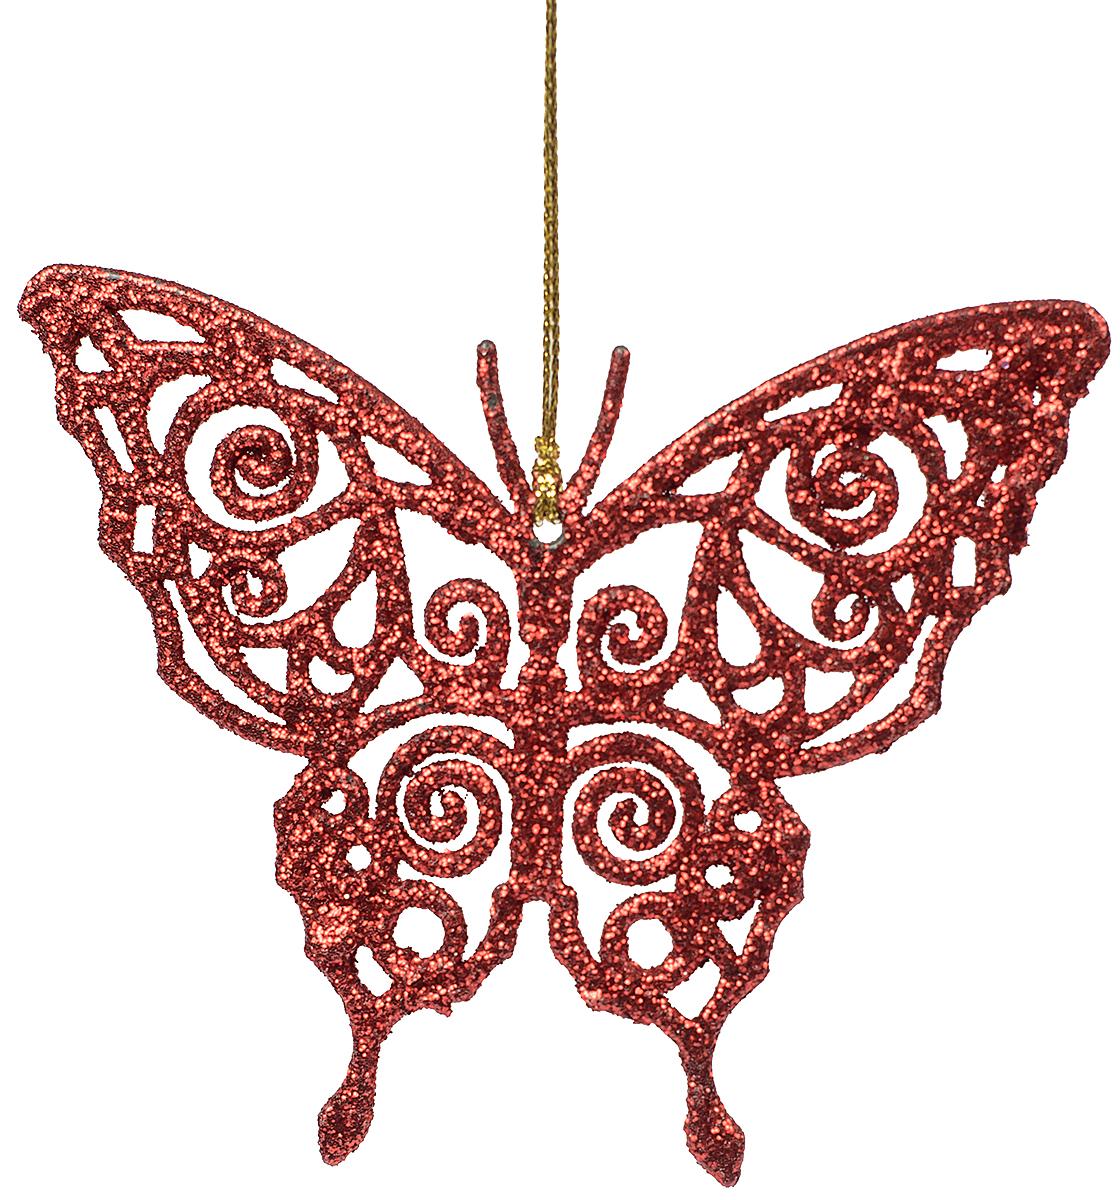 Новогоднее подвесное украшение Magic Time Бабочка, цвет: красный75078Новогоднее украшение Magic Time, выполненное из полипропилена, отлично подойдет для декорации вашего дома и новогодней ели. С помощью специальной петельки украшение можно повесить в любом понравившемся вам месте. Но, конечно, удачнее всего оно будет смотреться на праздничной елке.Елочная игрушка - символ Нового года. Она несет в себе волшебство и красоту праздника. Такое украшение создаст в вашем доме атмосферу праздника, веселья и радости.